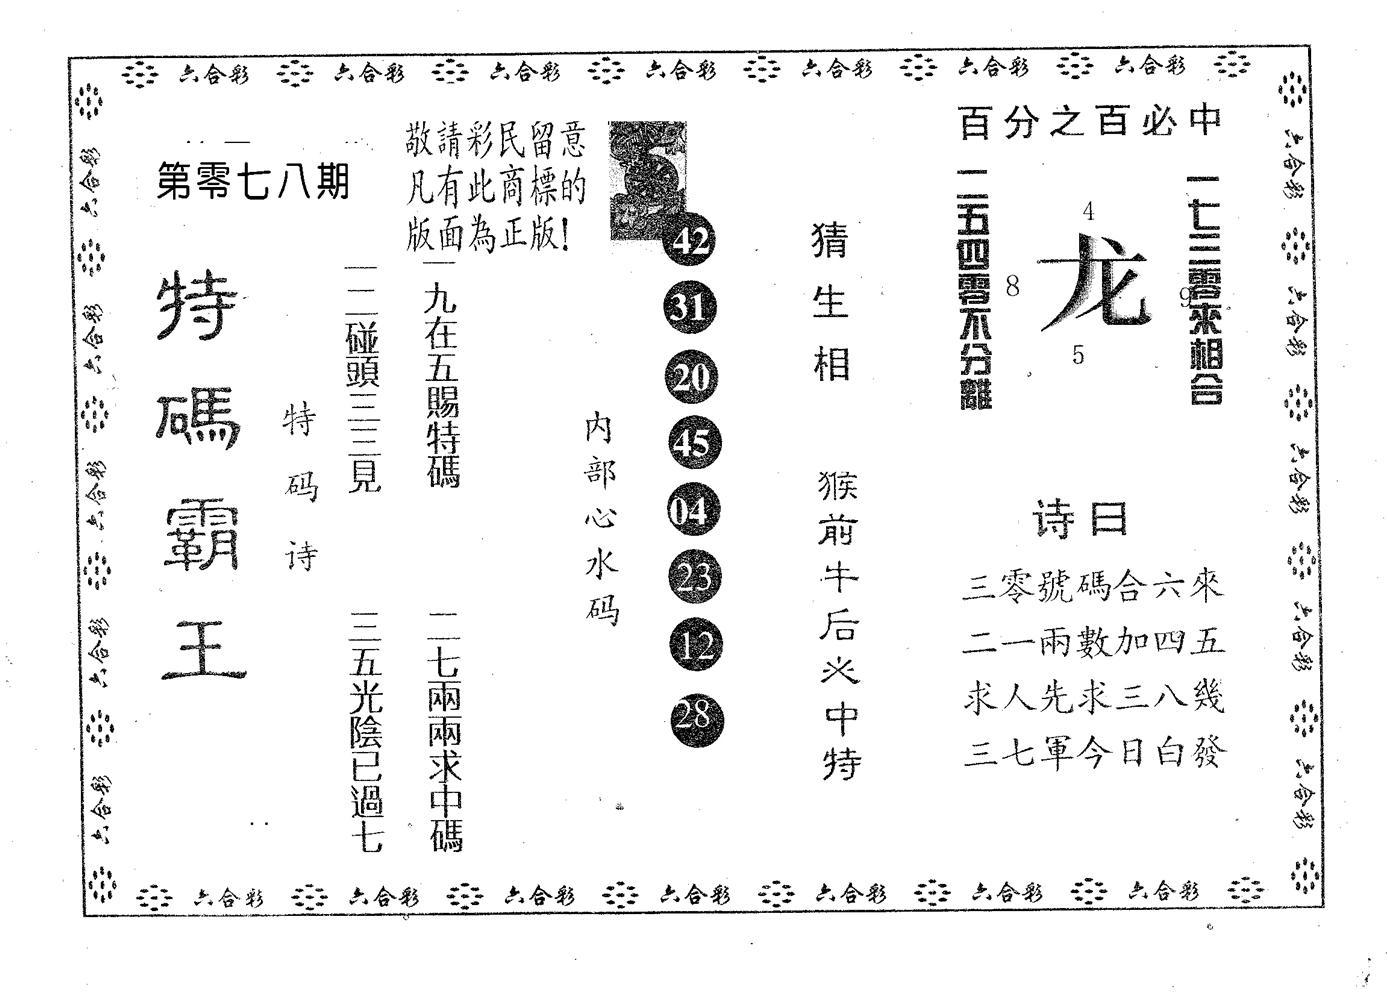 078期特码霸王A(黑白)